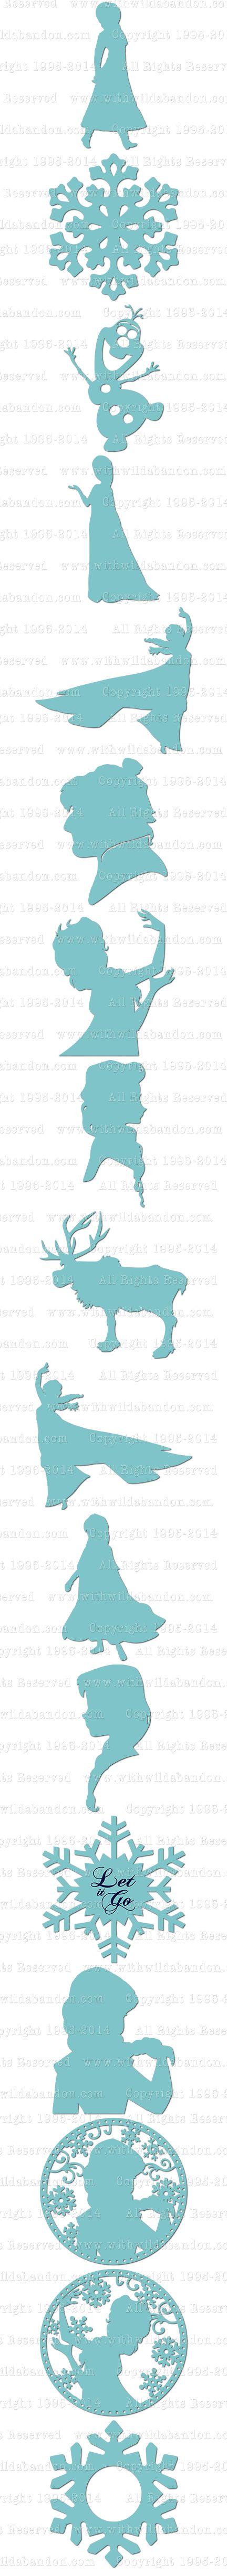 Frozen SVG, Frozen Silhouettes, Anna SVG, Elsa SVG, Anna Silhouette, Elsa Silhouette, Vector, Princess SVG, png, ai, eps Frozen, Clipart, Silhouettes, Anna, Elsa, Sven, Olaf, Princess, Snowflake, svg, png, vector, Graphics, Explore or Cameo Silhouette // La reine des neiges